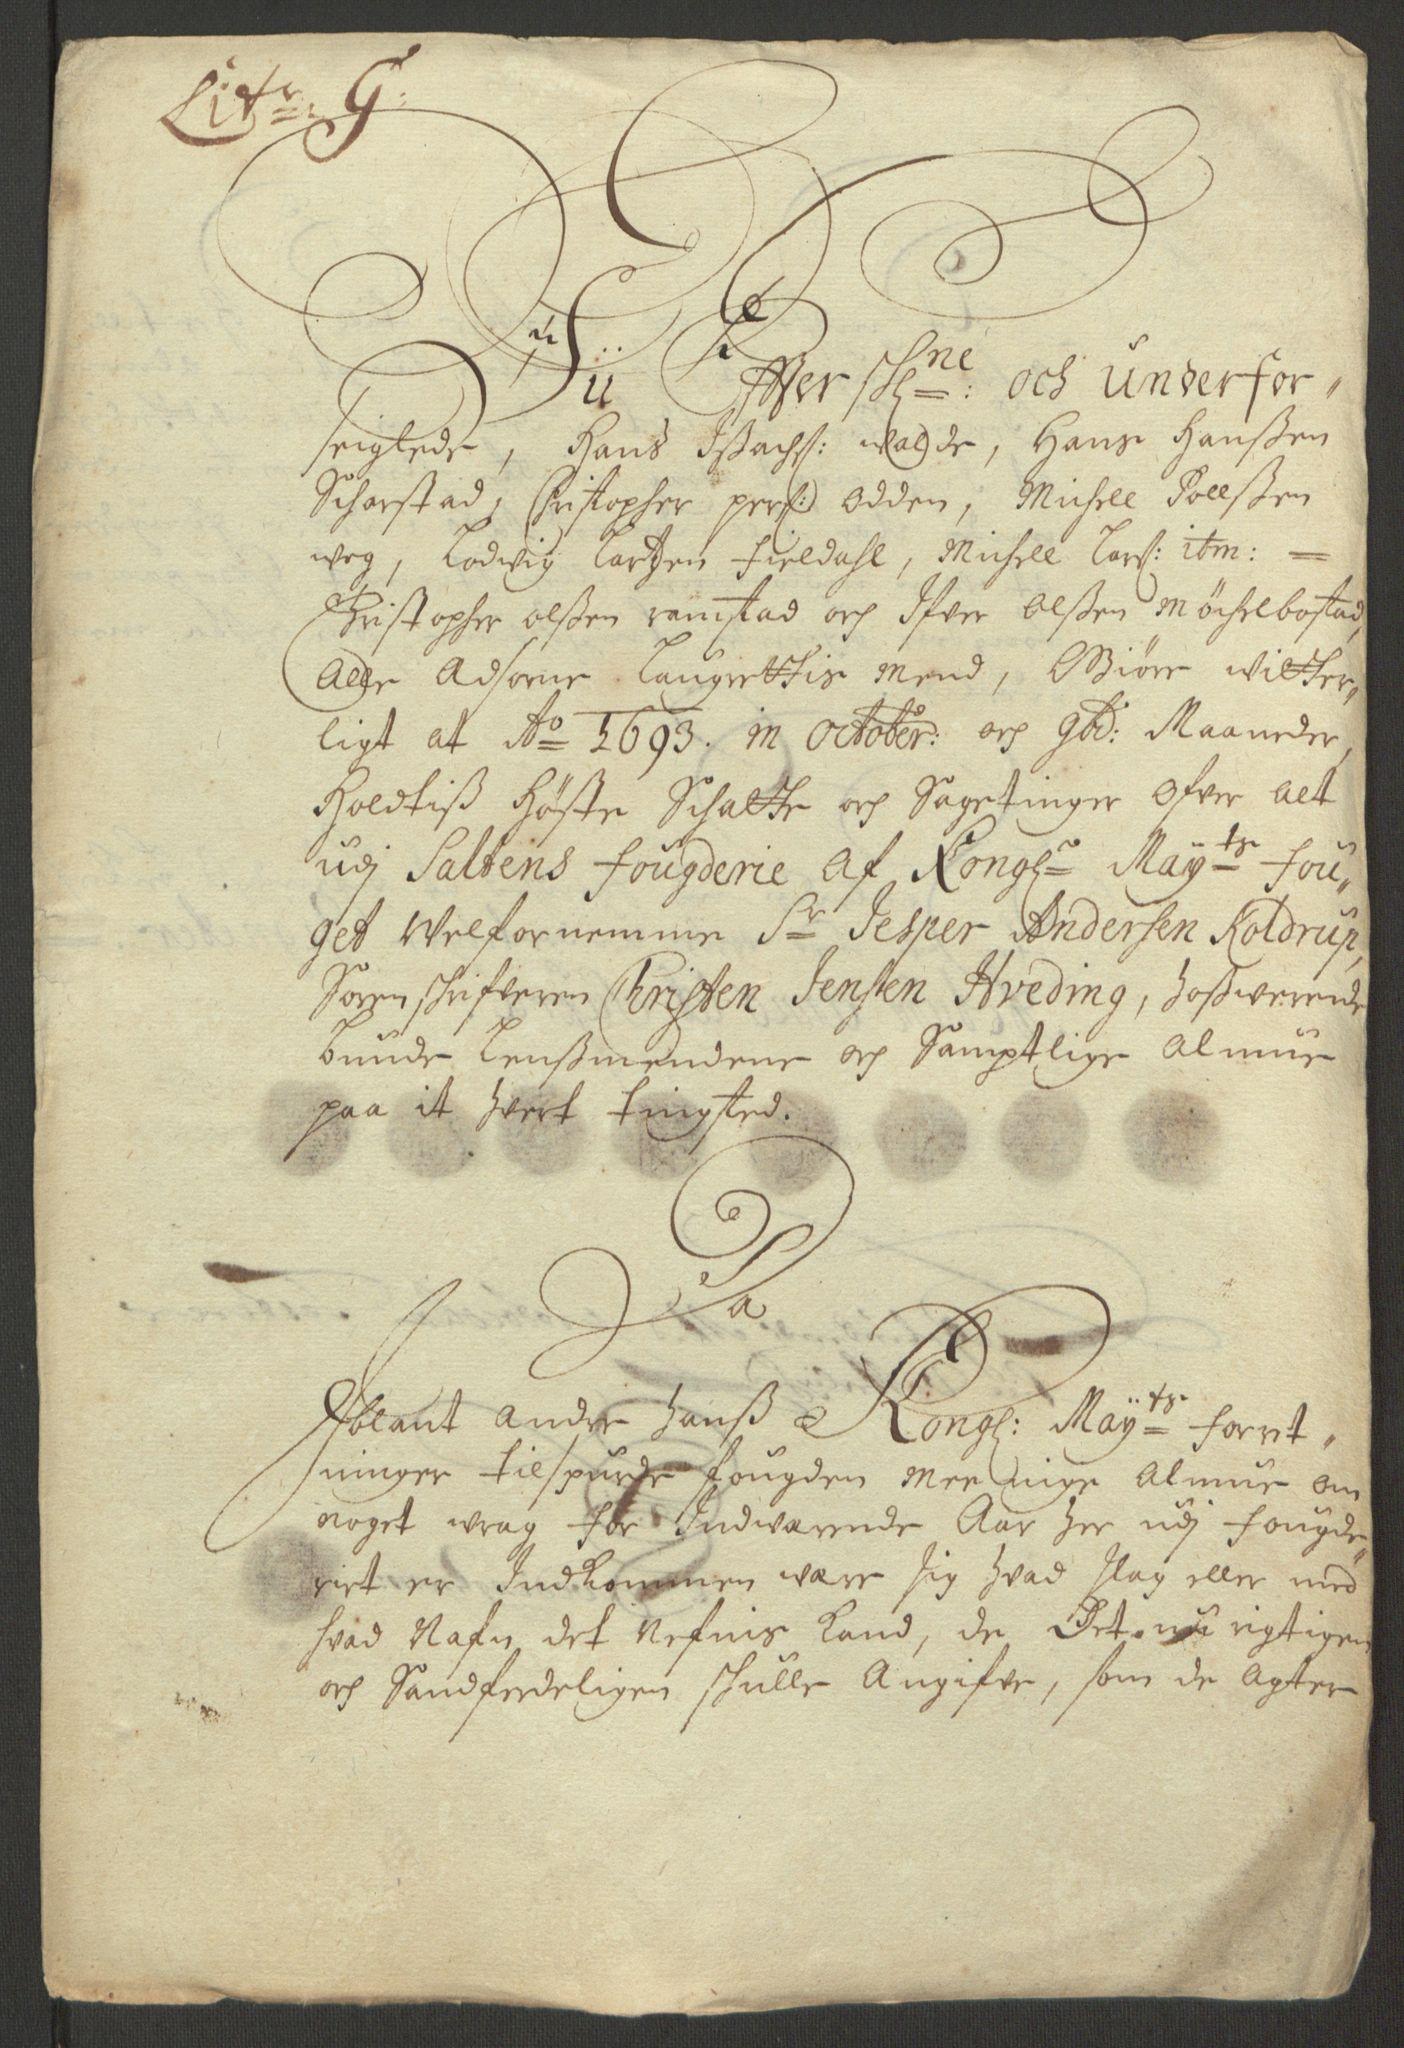 RA, Rentekammeret inntil 1814, Reviderte regnskaper, Fogderegnskap, R66/L4577: Fogderegnskap Salten, 1691-1693, s. 332